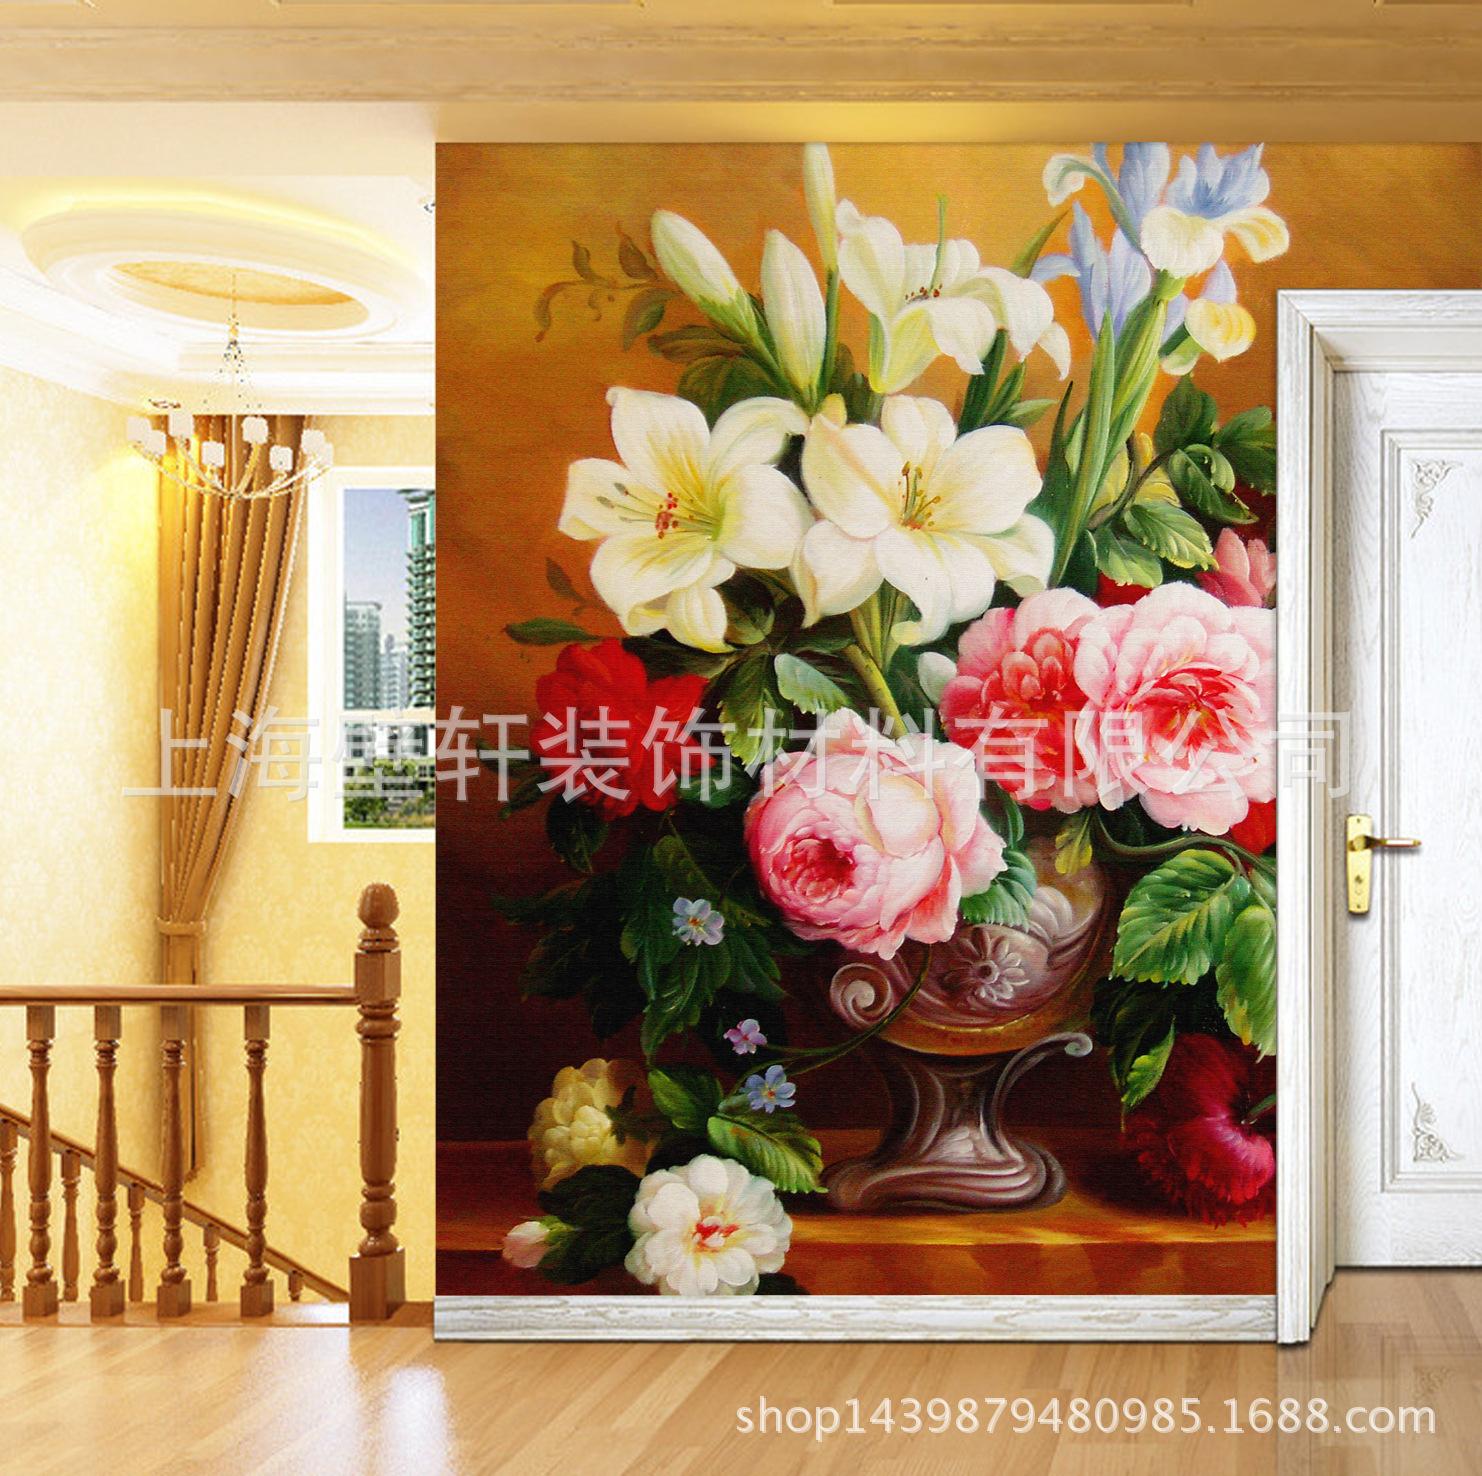 欧式典雅 文艺风格装饰壁画